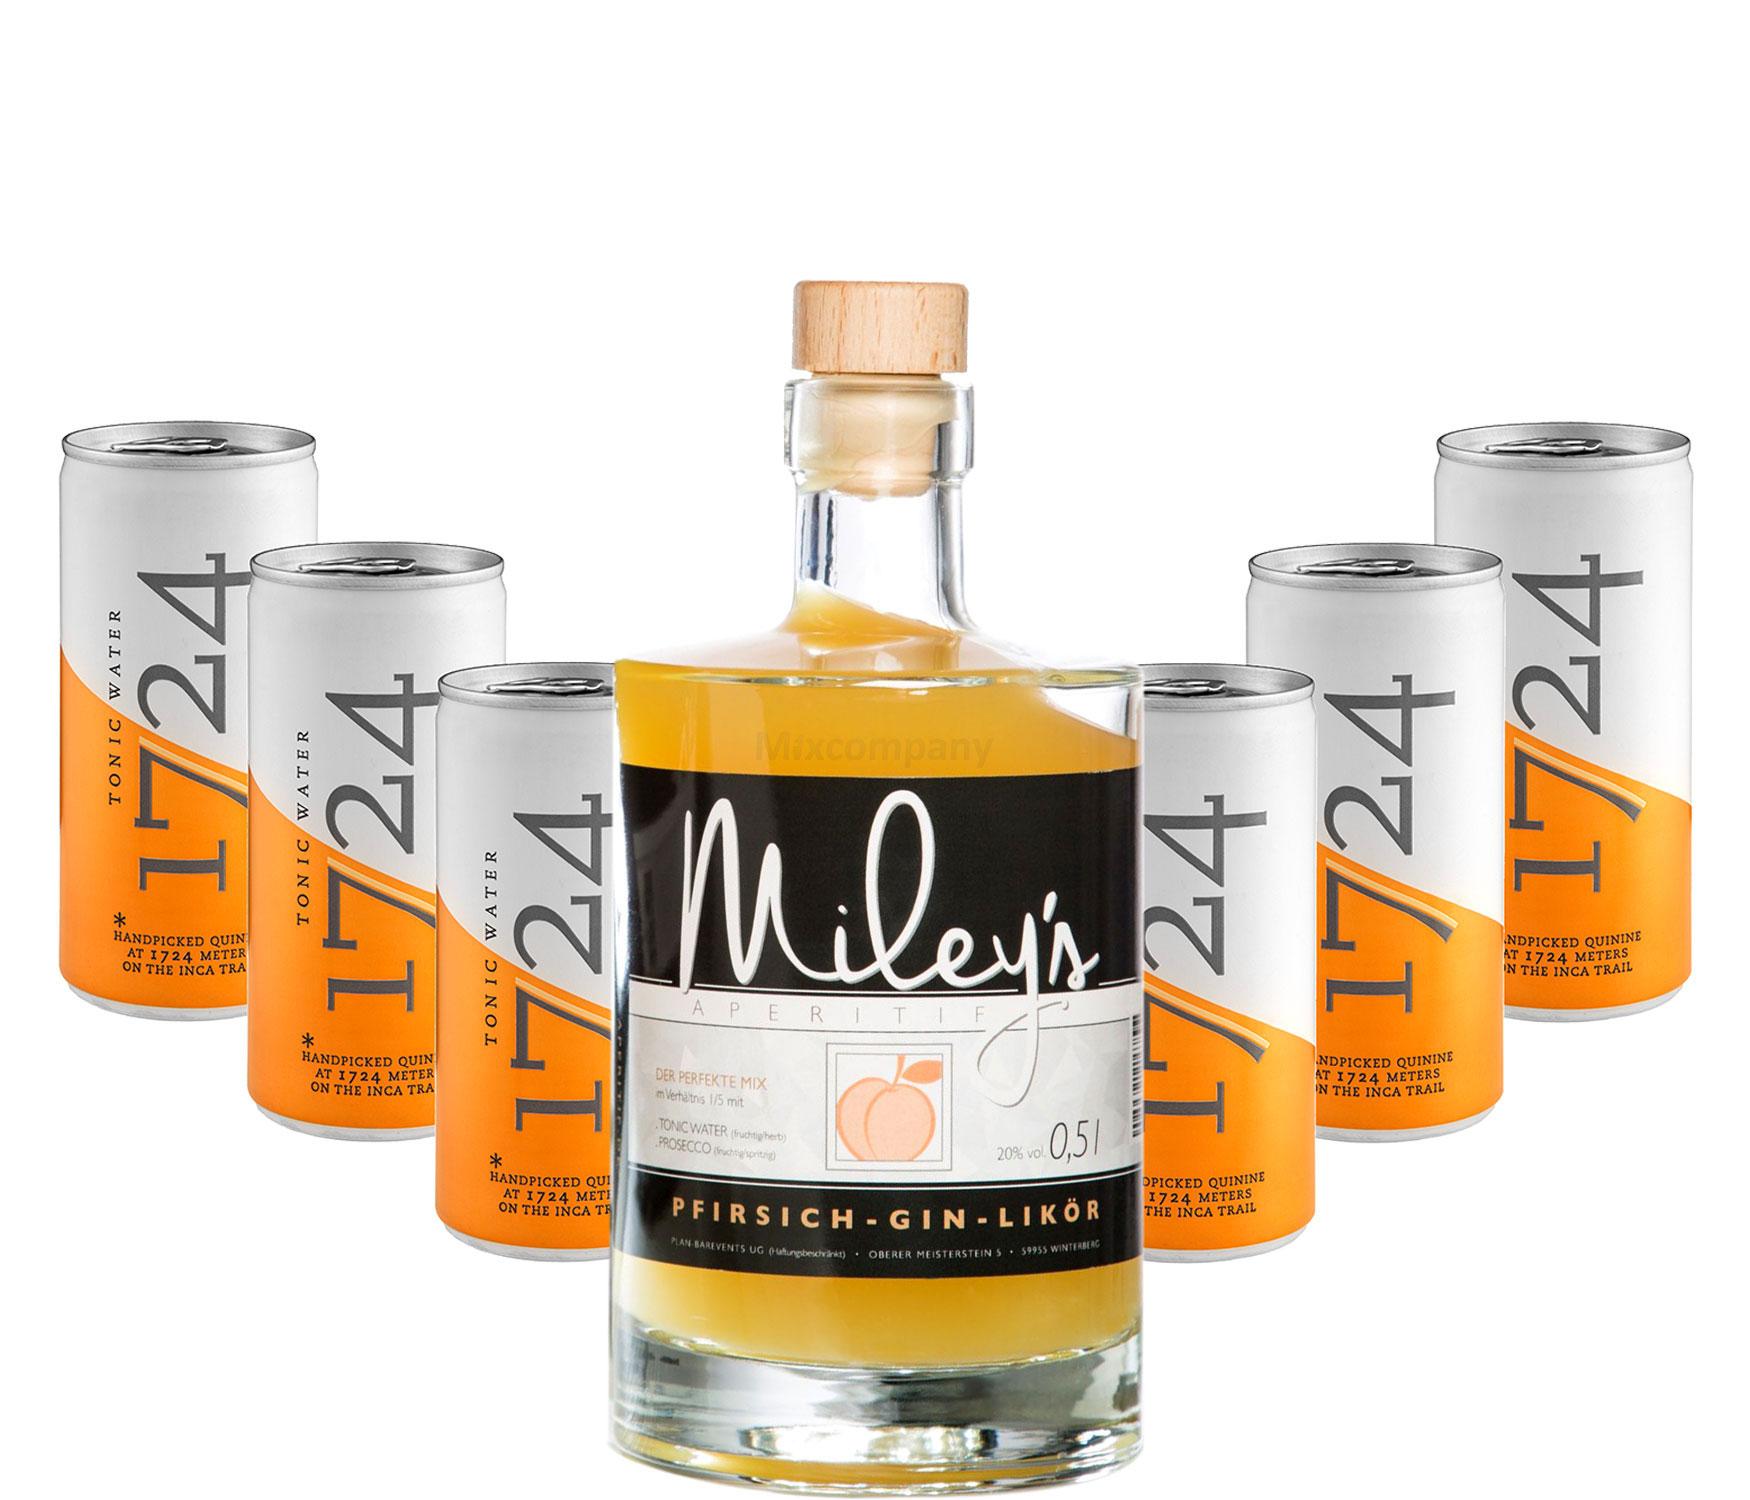 Mileys Pfirsich Gin Likör 0,5l (20% Vol) + 6x 1724 Tonic Water Dosen 200ml inkl. Pfand EINWEG -[Enthält Sulfite]